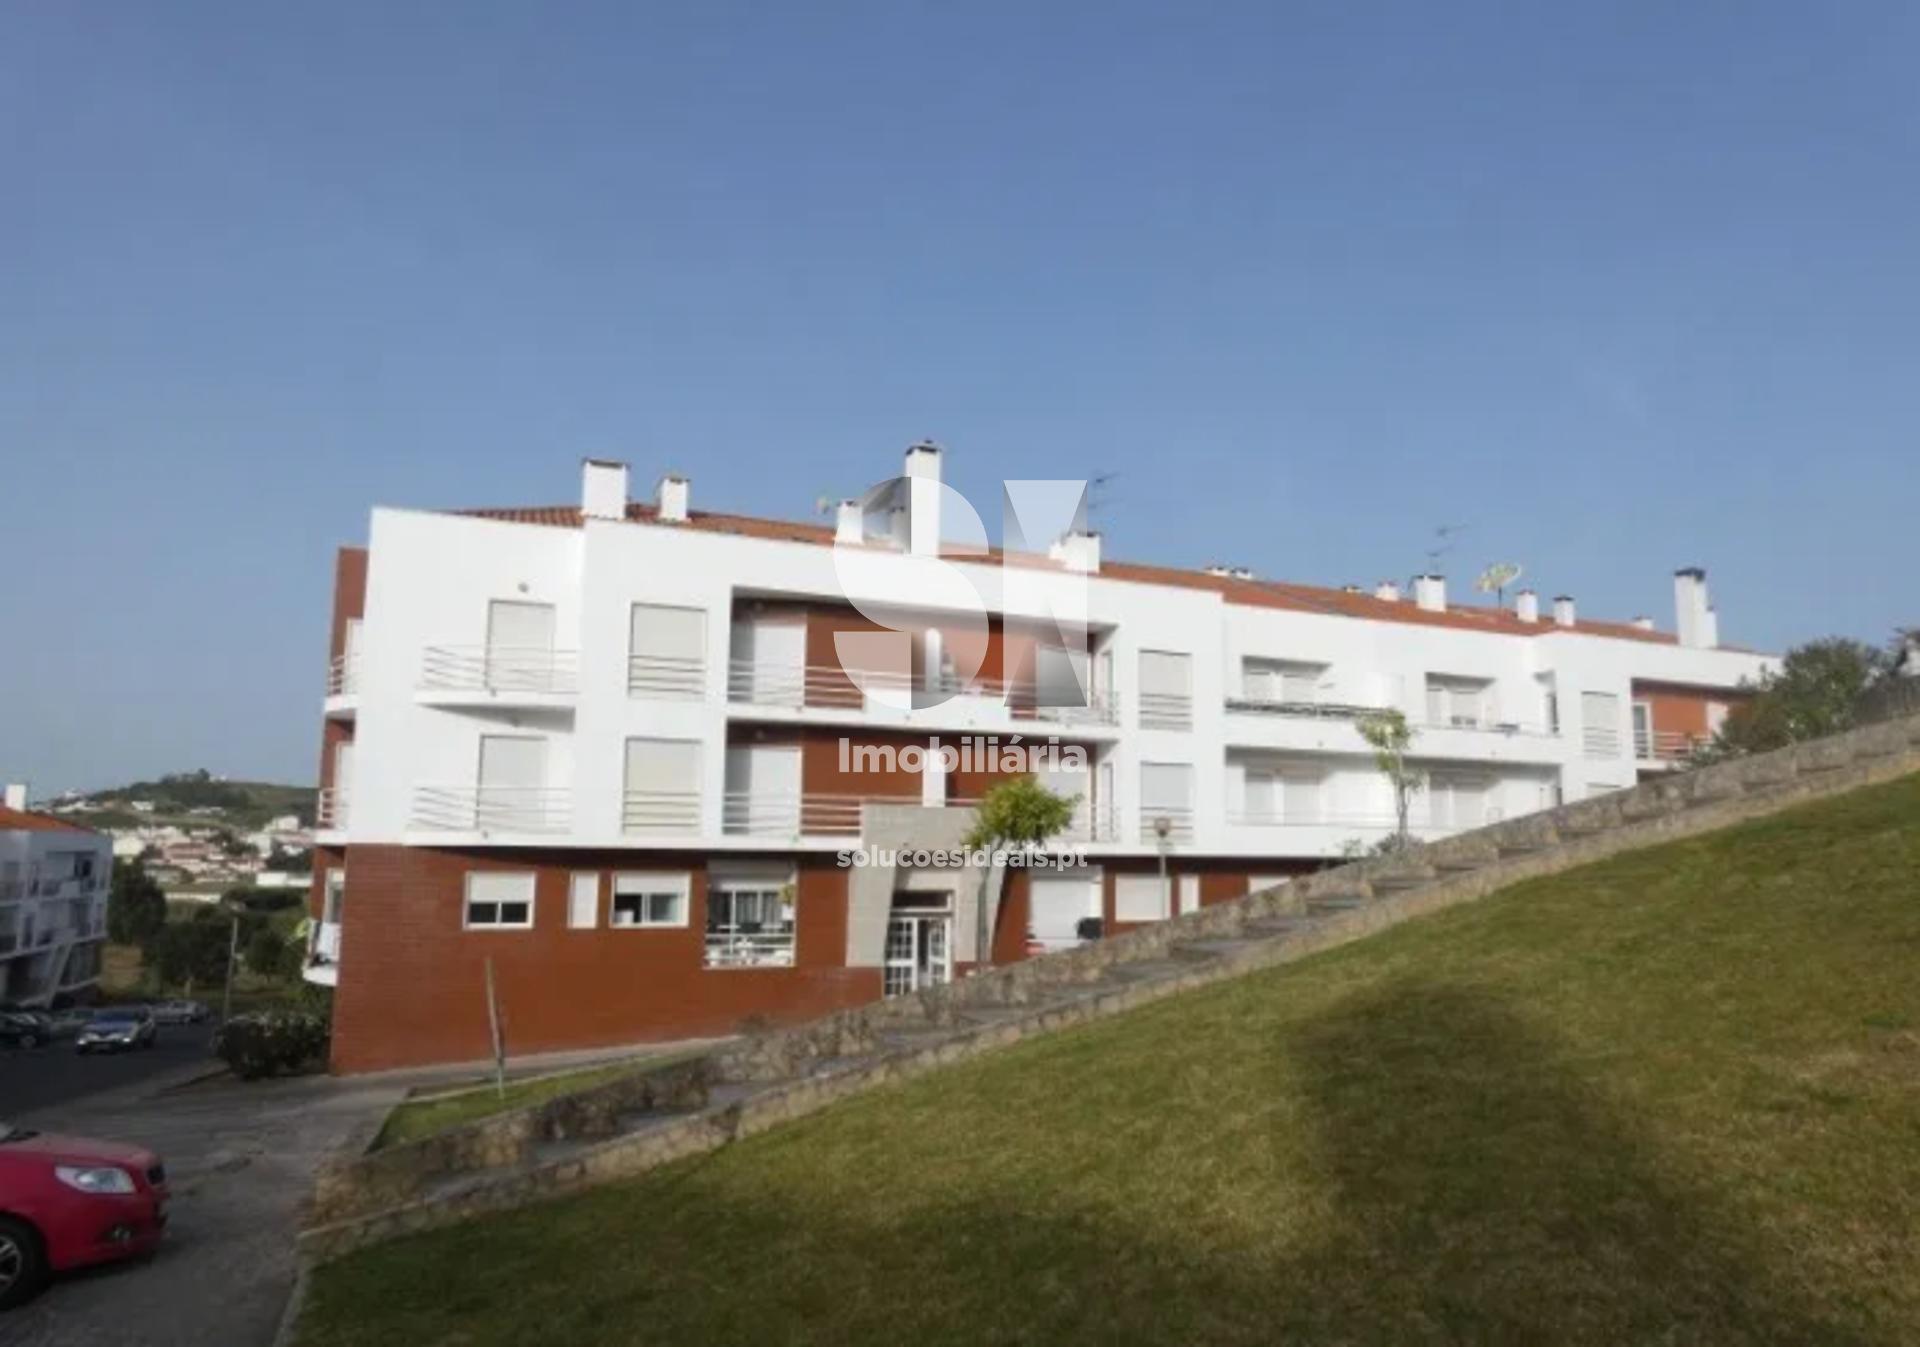 apartamento t2 para compra em torres vedras santa maria sao pedro e matacaes LFCRD879